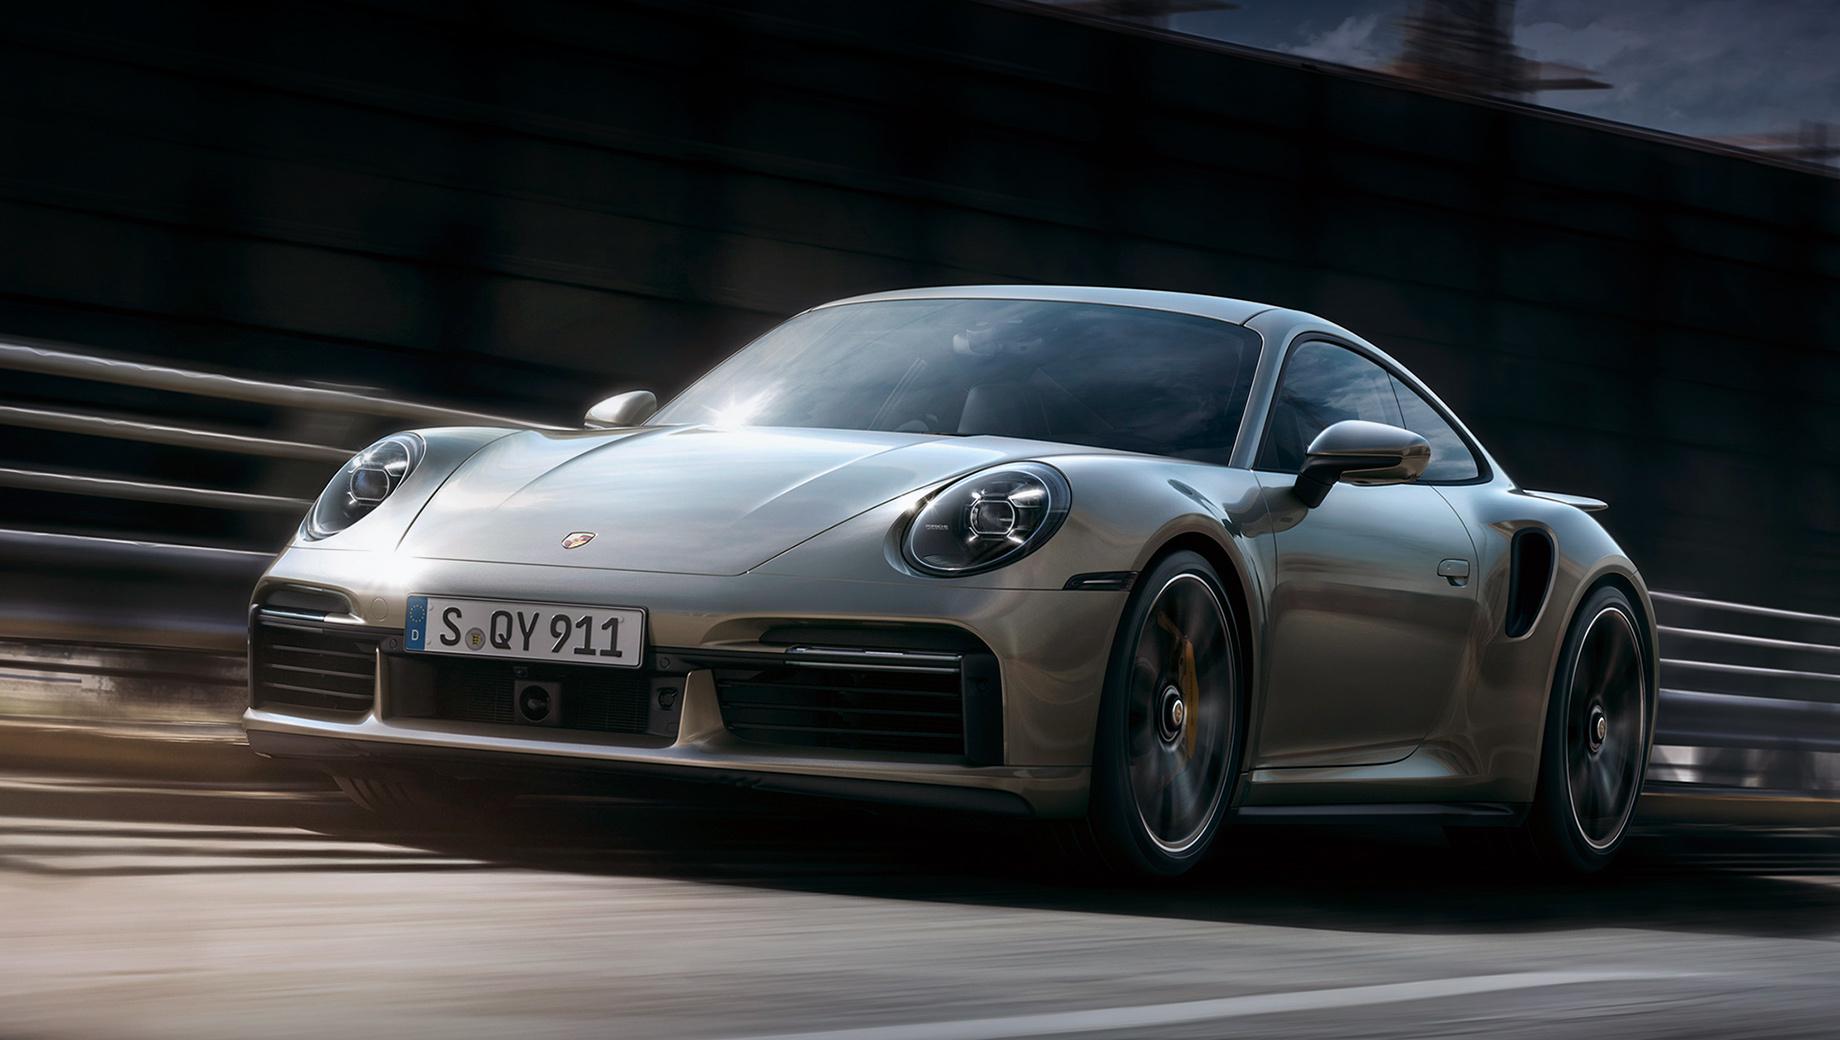 Porsche 911,Porsche 911 turbo s. Кузов расширен. На 48 мм относительно Карреры поколения 992, до 1900 мм. Новый Turbo S на 20 мм шире предшественника. По сравнению с ним колея подросла на 42 мм спереди и 10 мм сзади.